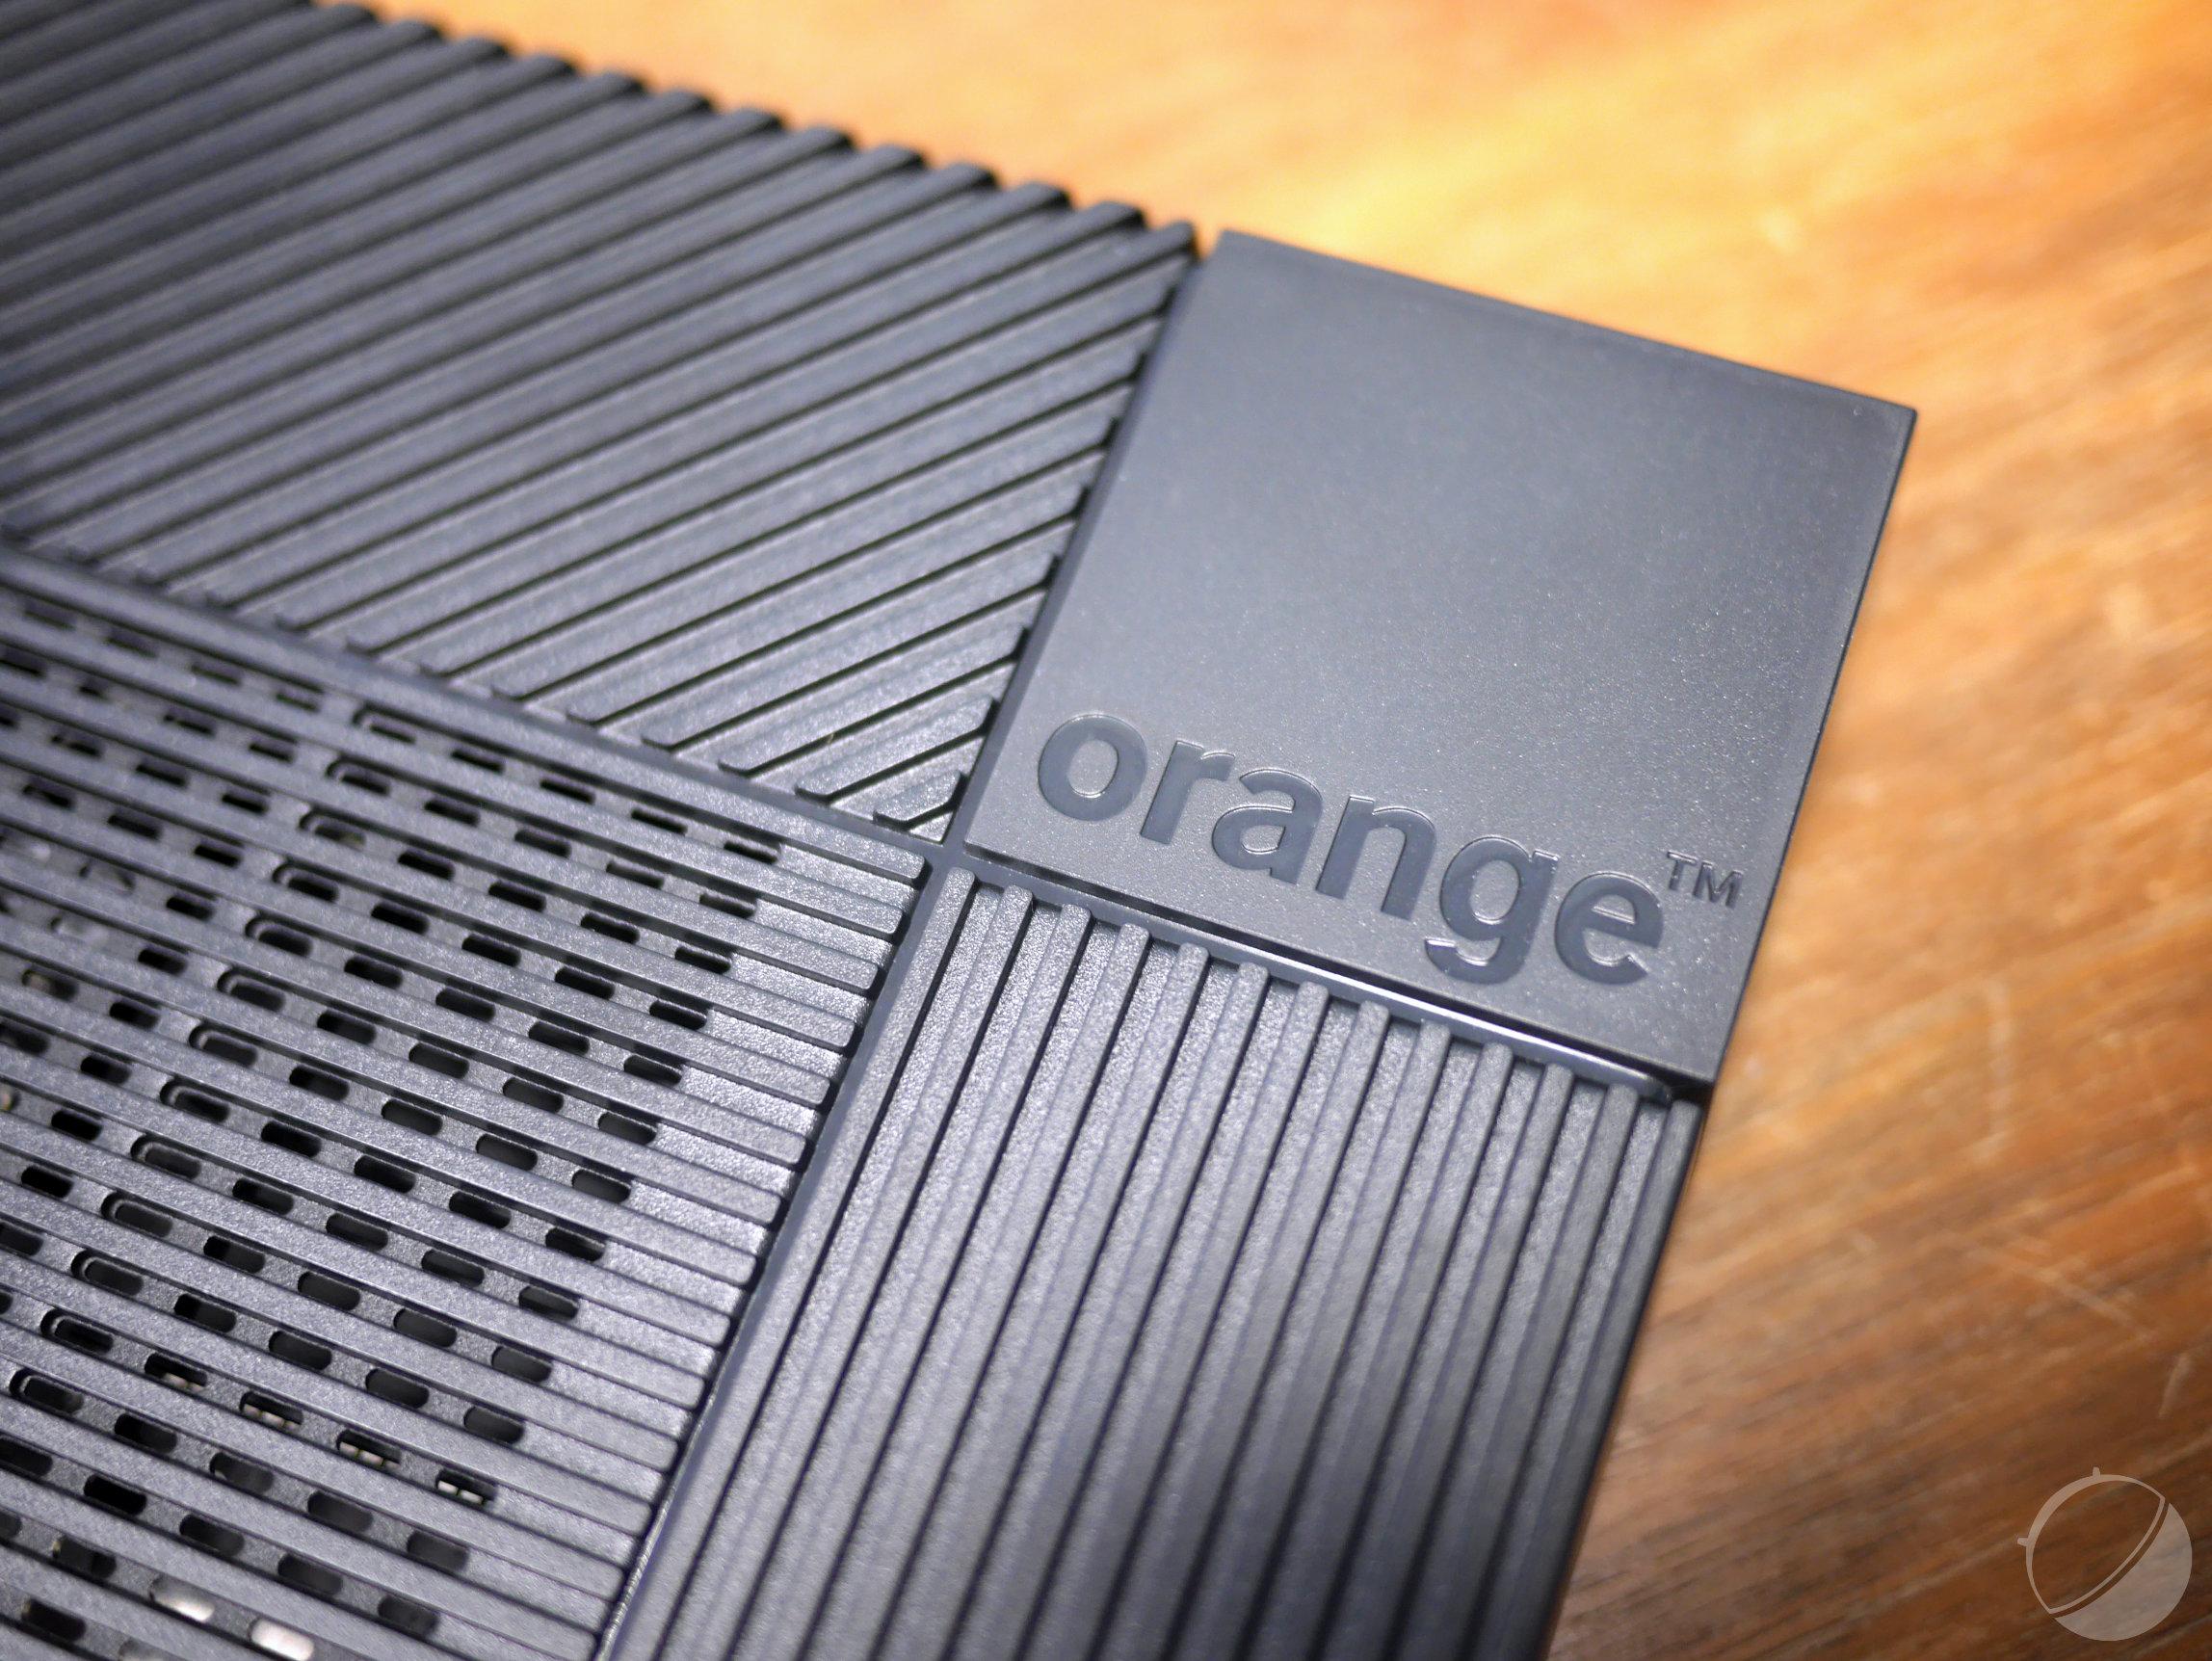 Nouvelle Livebox d'Orange, reprise pour le Galaxy Note 10 et nouvelle Shield TV – Tech'spresso